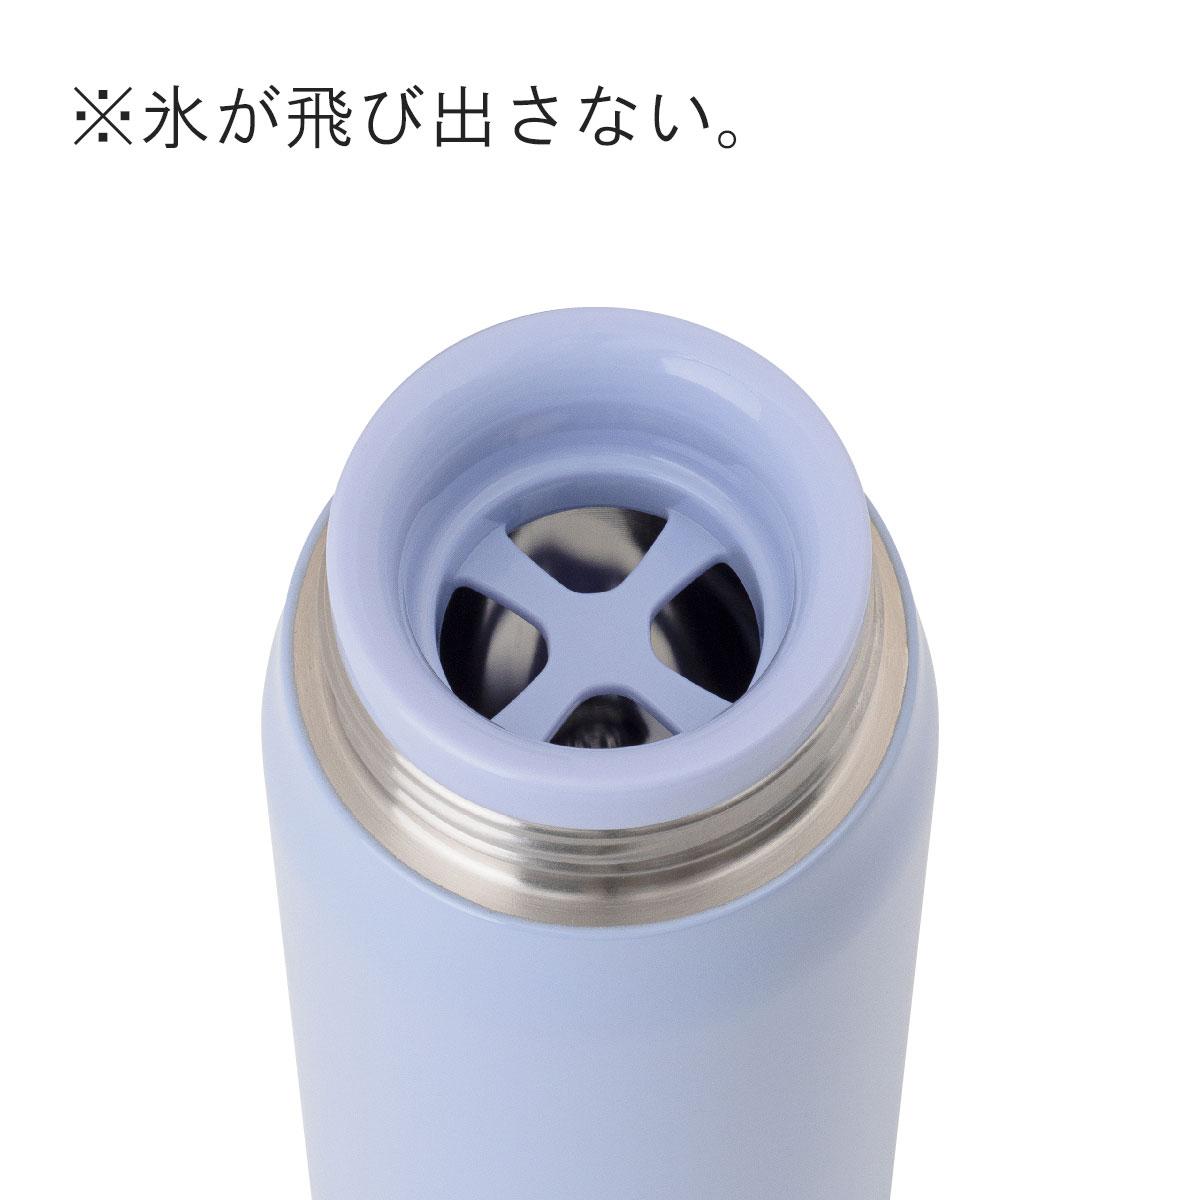 エアリスト ステンレス製 超軽量マグボトル 350ml